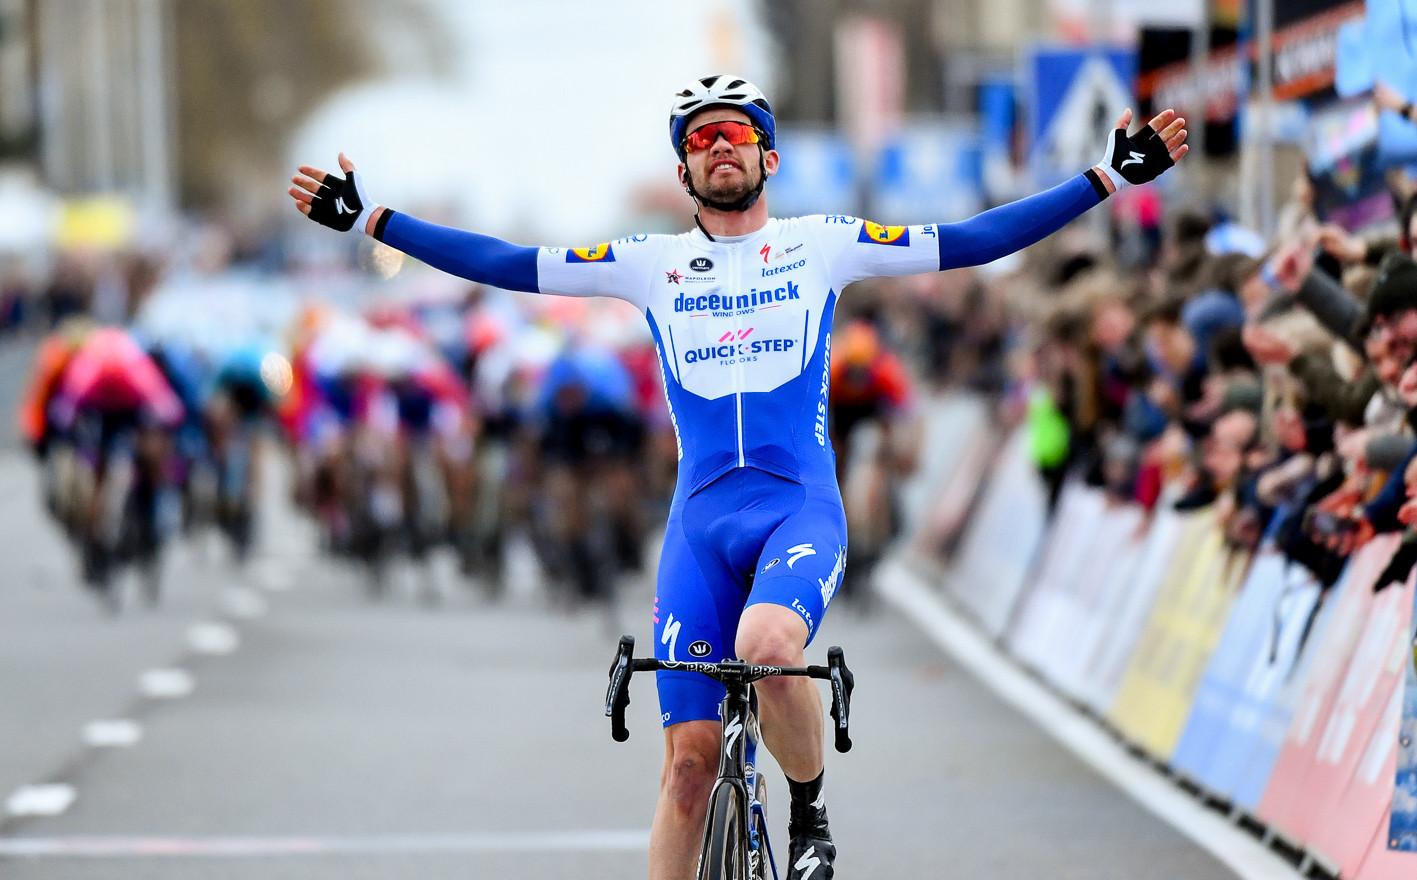 Kasper Asgreen (DK/Deceuninck) wins Kuurne-Brussel-Kuurne 2020.